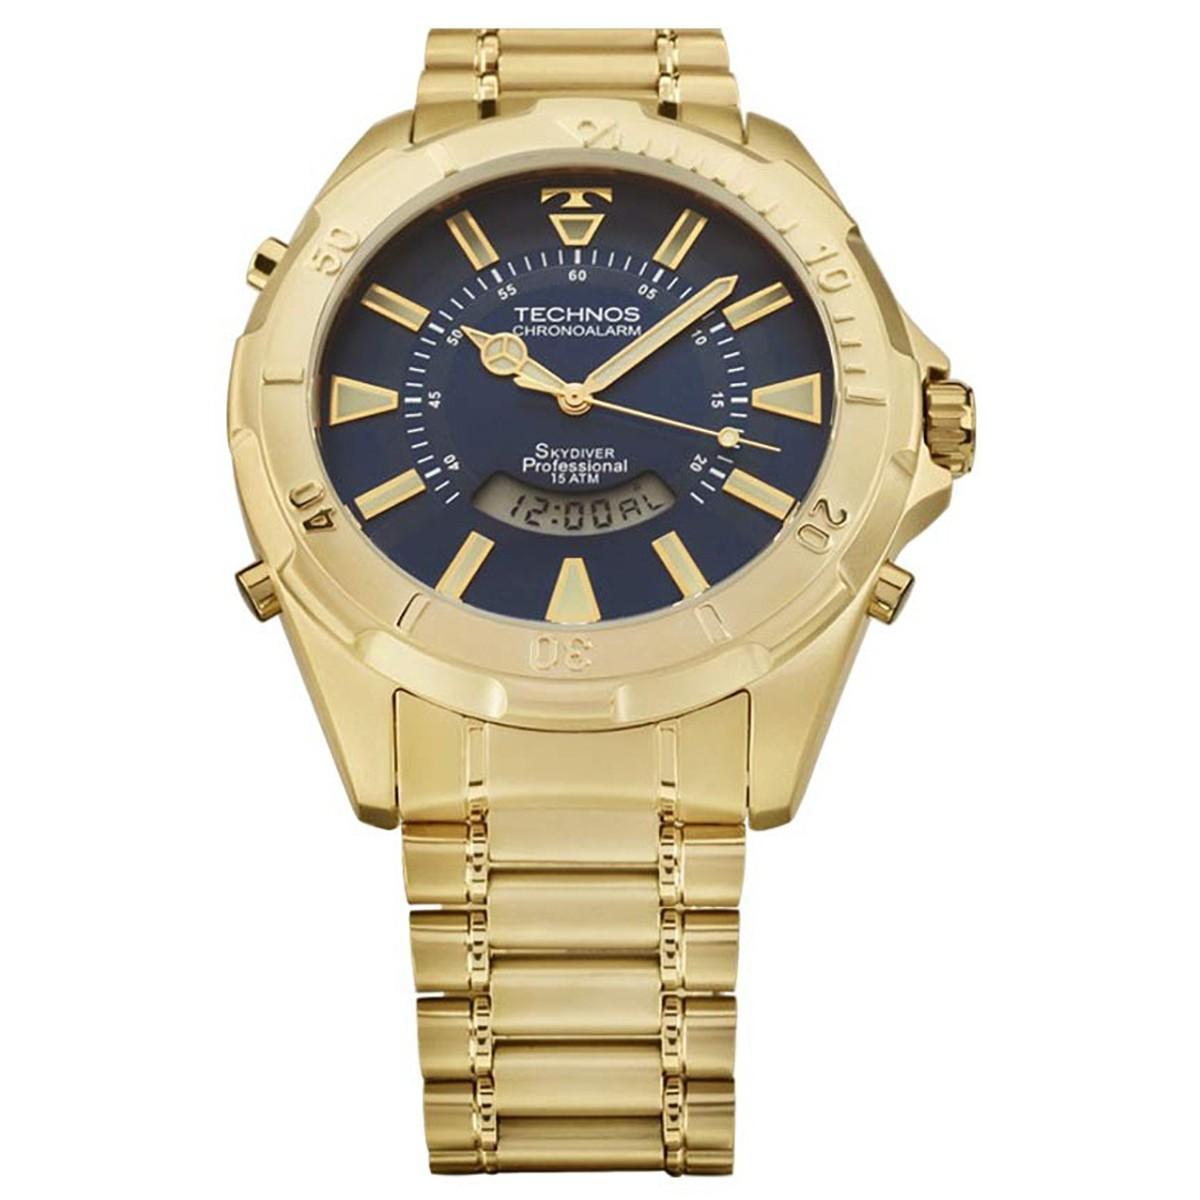 Compre Relógio Technos Skydiver - Edição comemorativa 30 anos em 10X   Tri- Jóia Shop f077beb6fd